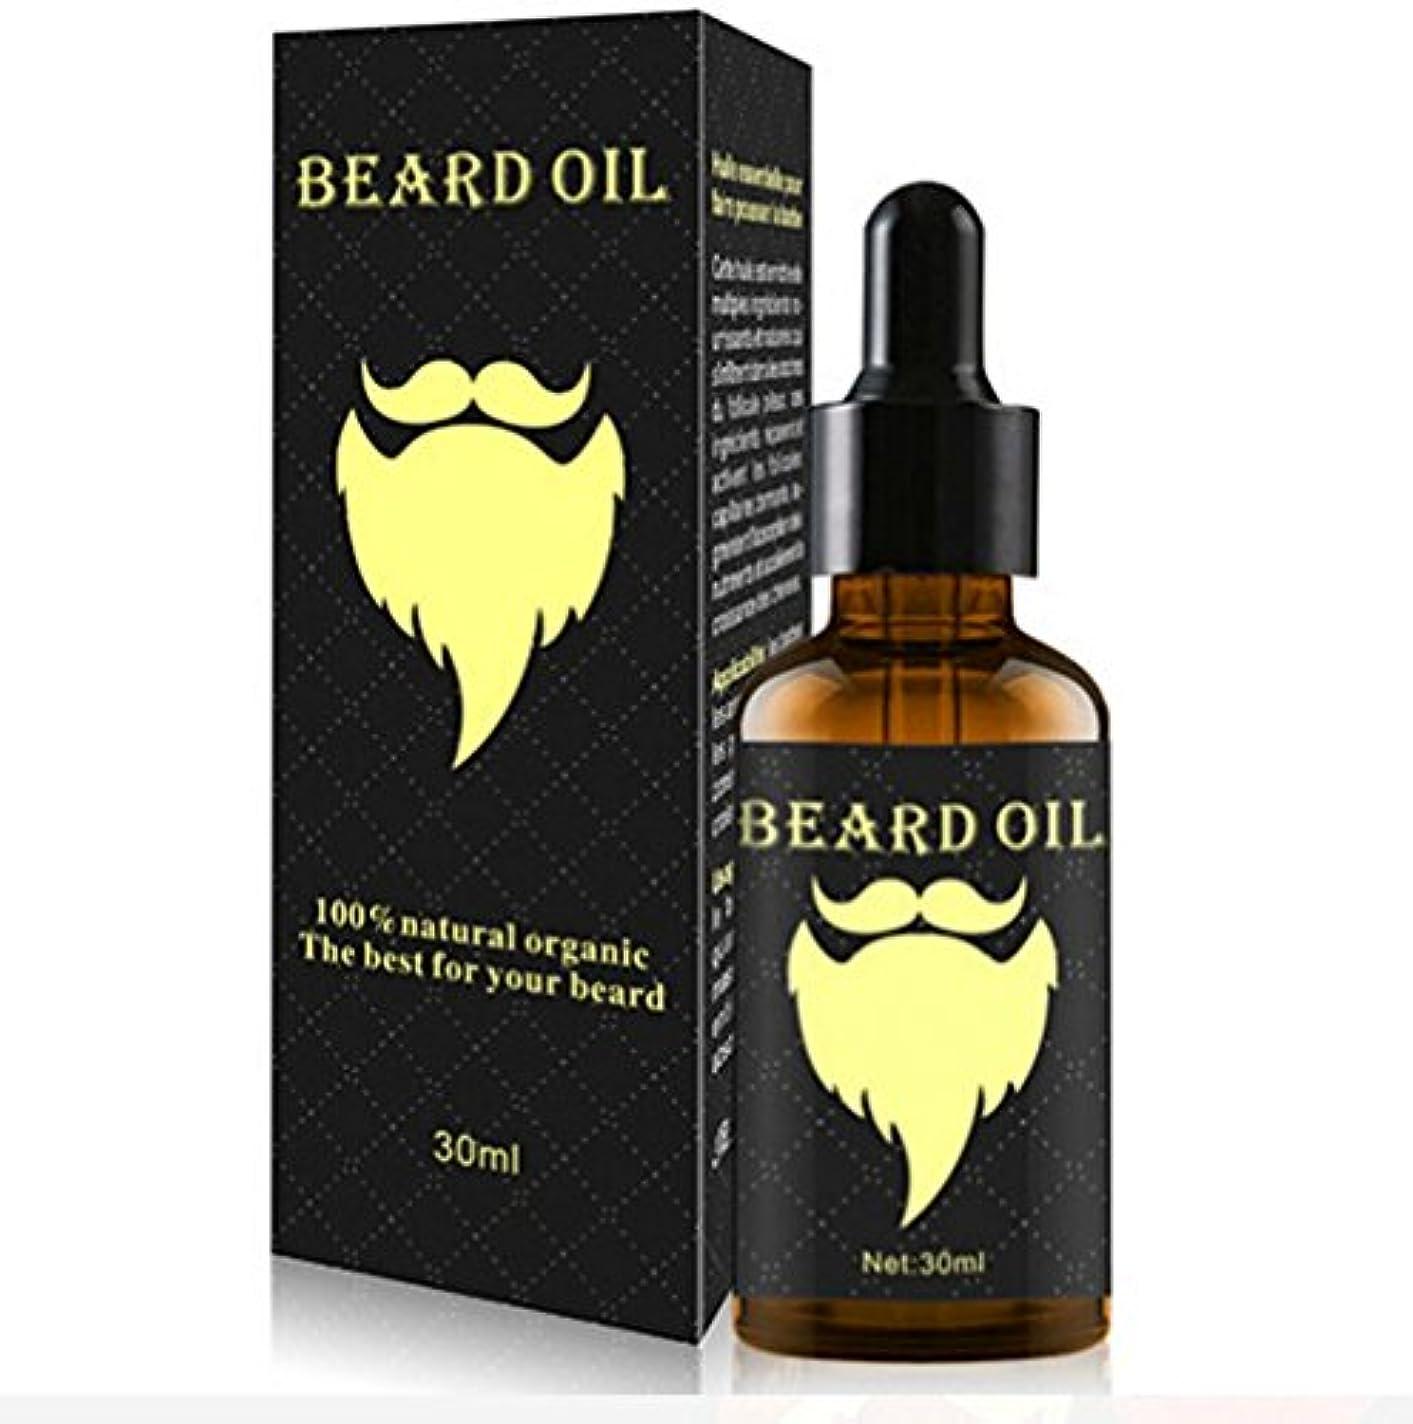 電話に出るよろしく原因男性用30ml 1オンスひげ油ひげ口髭成長エッセンシャルオイルアイブロー毛髪成長用トリートメント液、100%オーガニックナチュラル (gold)